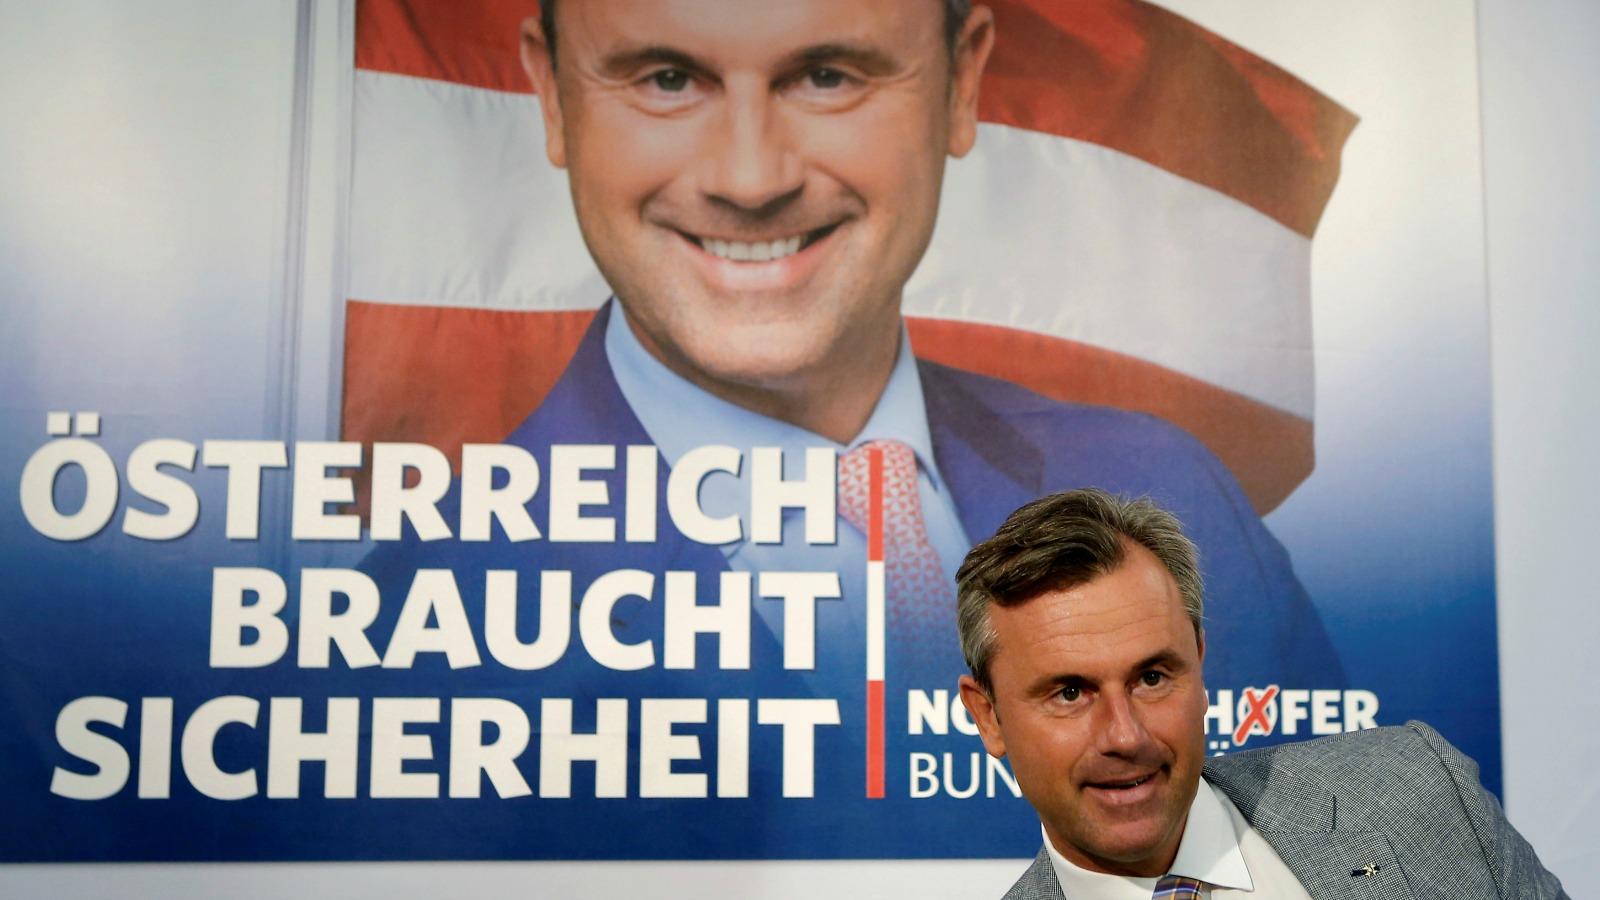 Норберт Хофер – фаворит президентских выборов, назначенных на 4 декабря 2016 года.